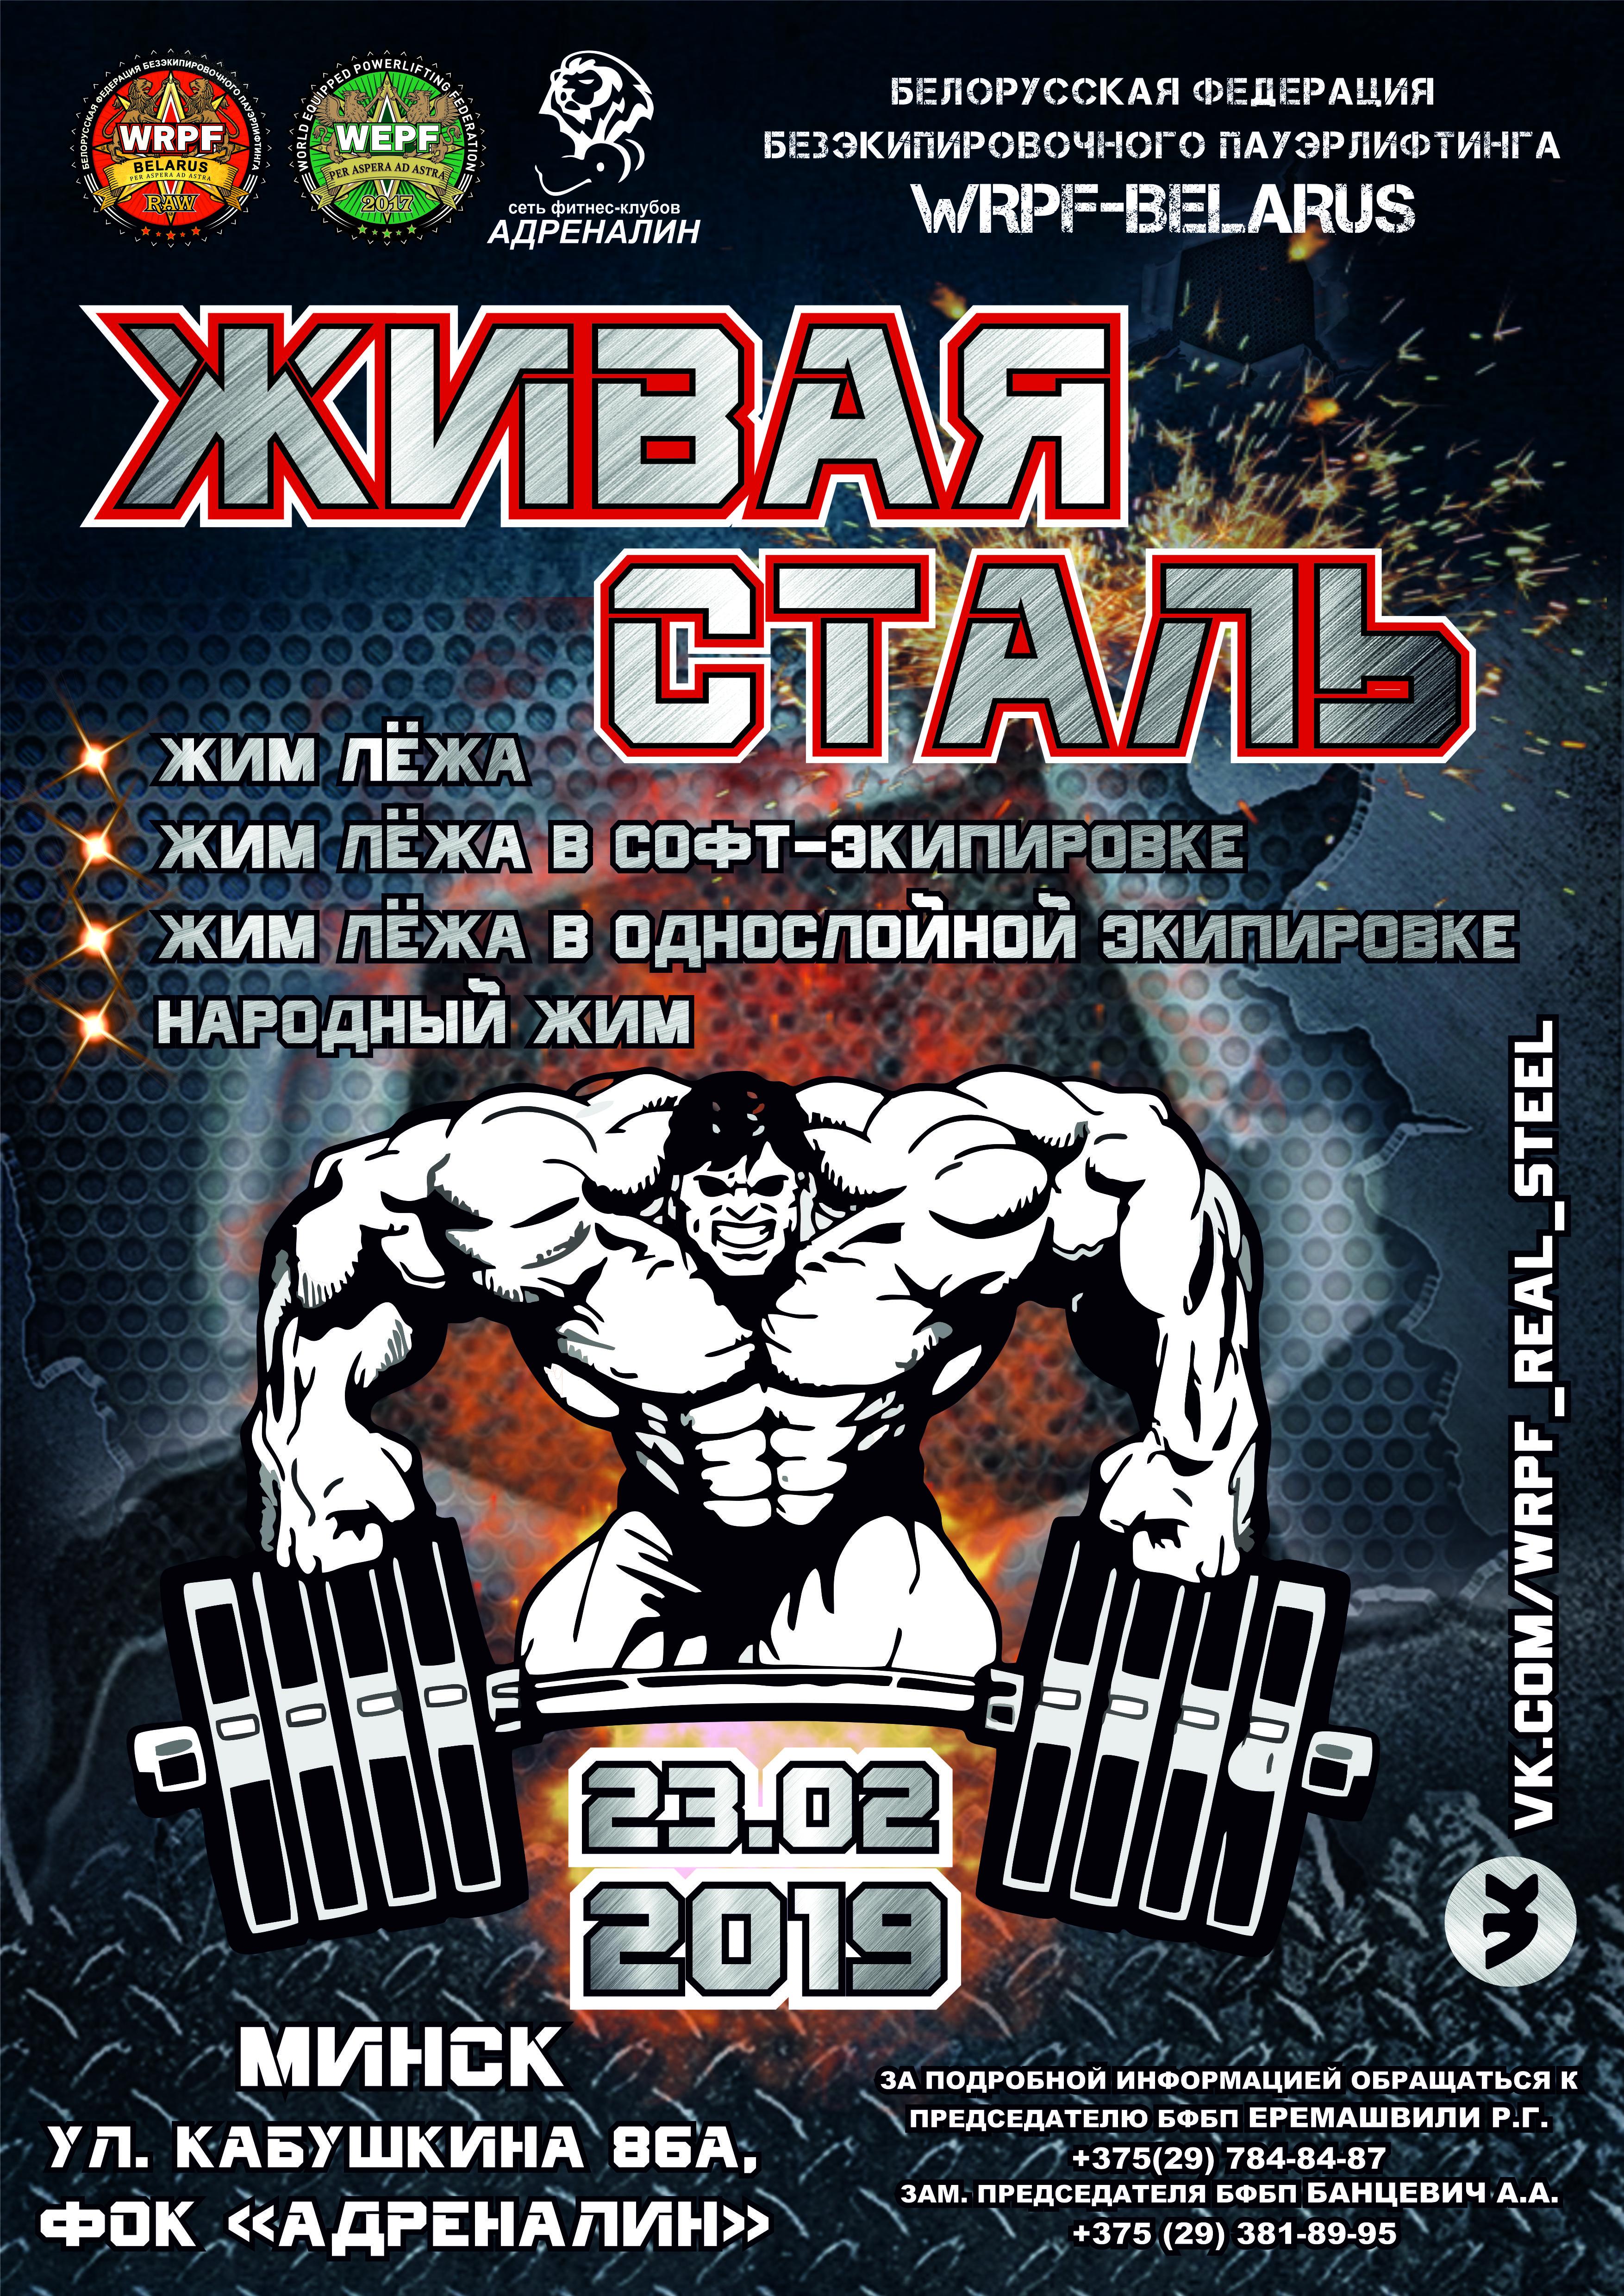 Открытый мастерский турнир 2019 года «Живая сталь»